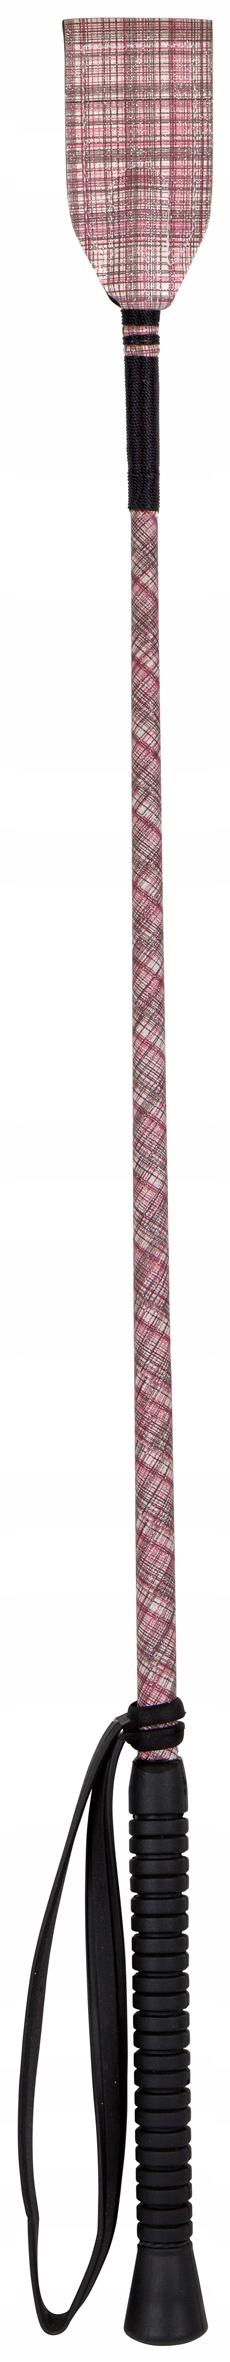 York Checky лодыжки палец 65 см розовый и черный